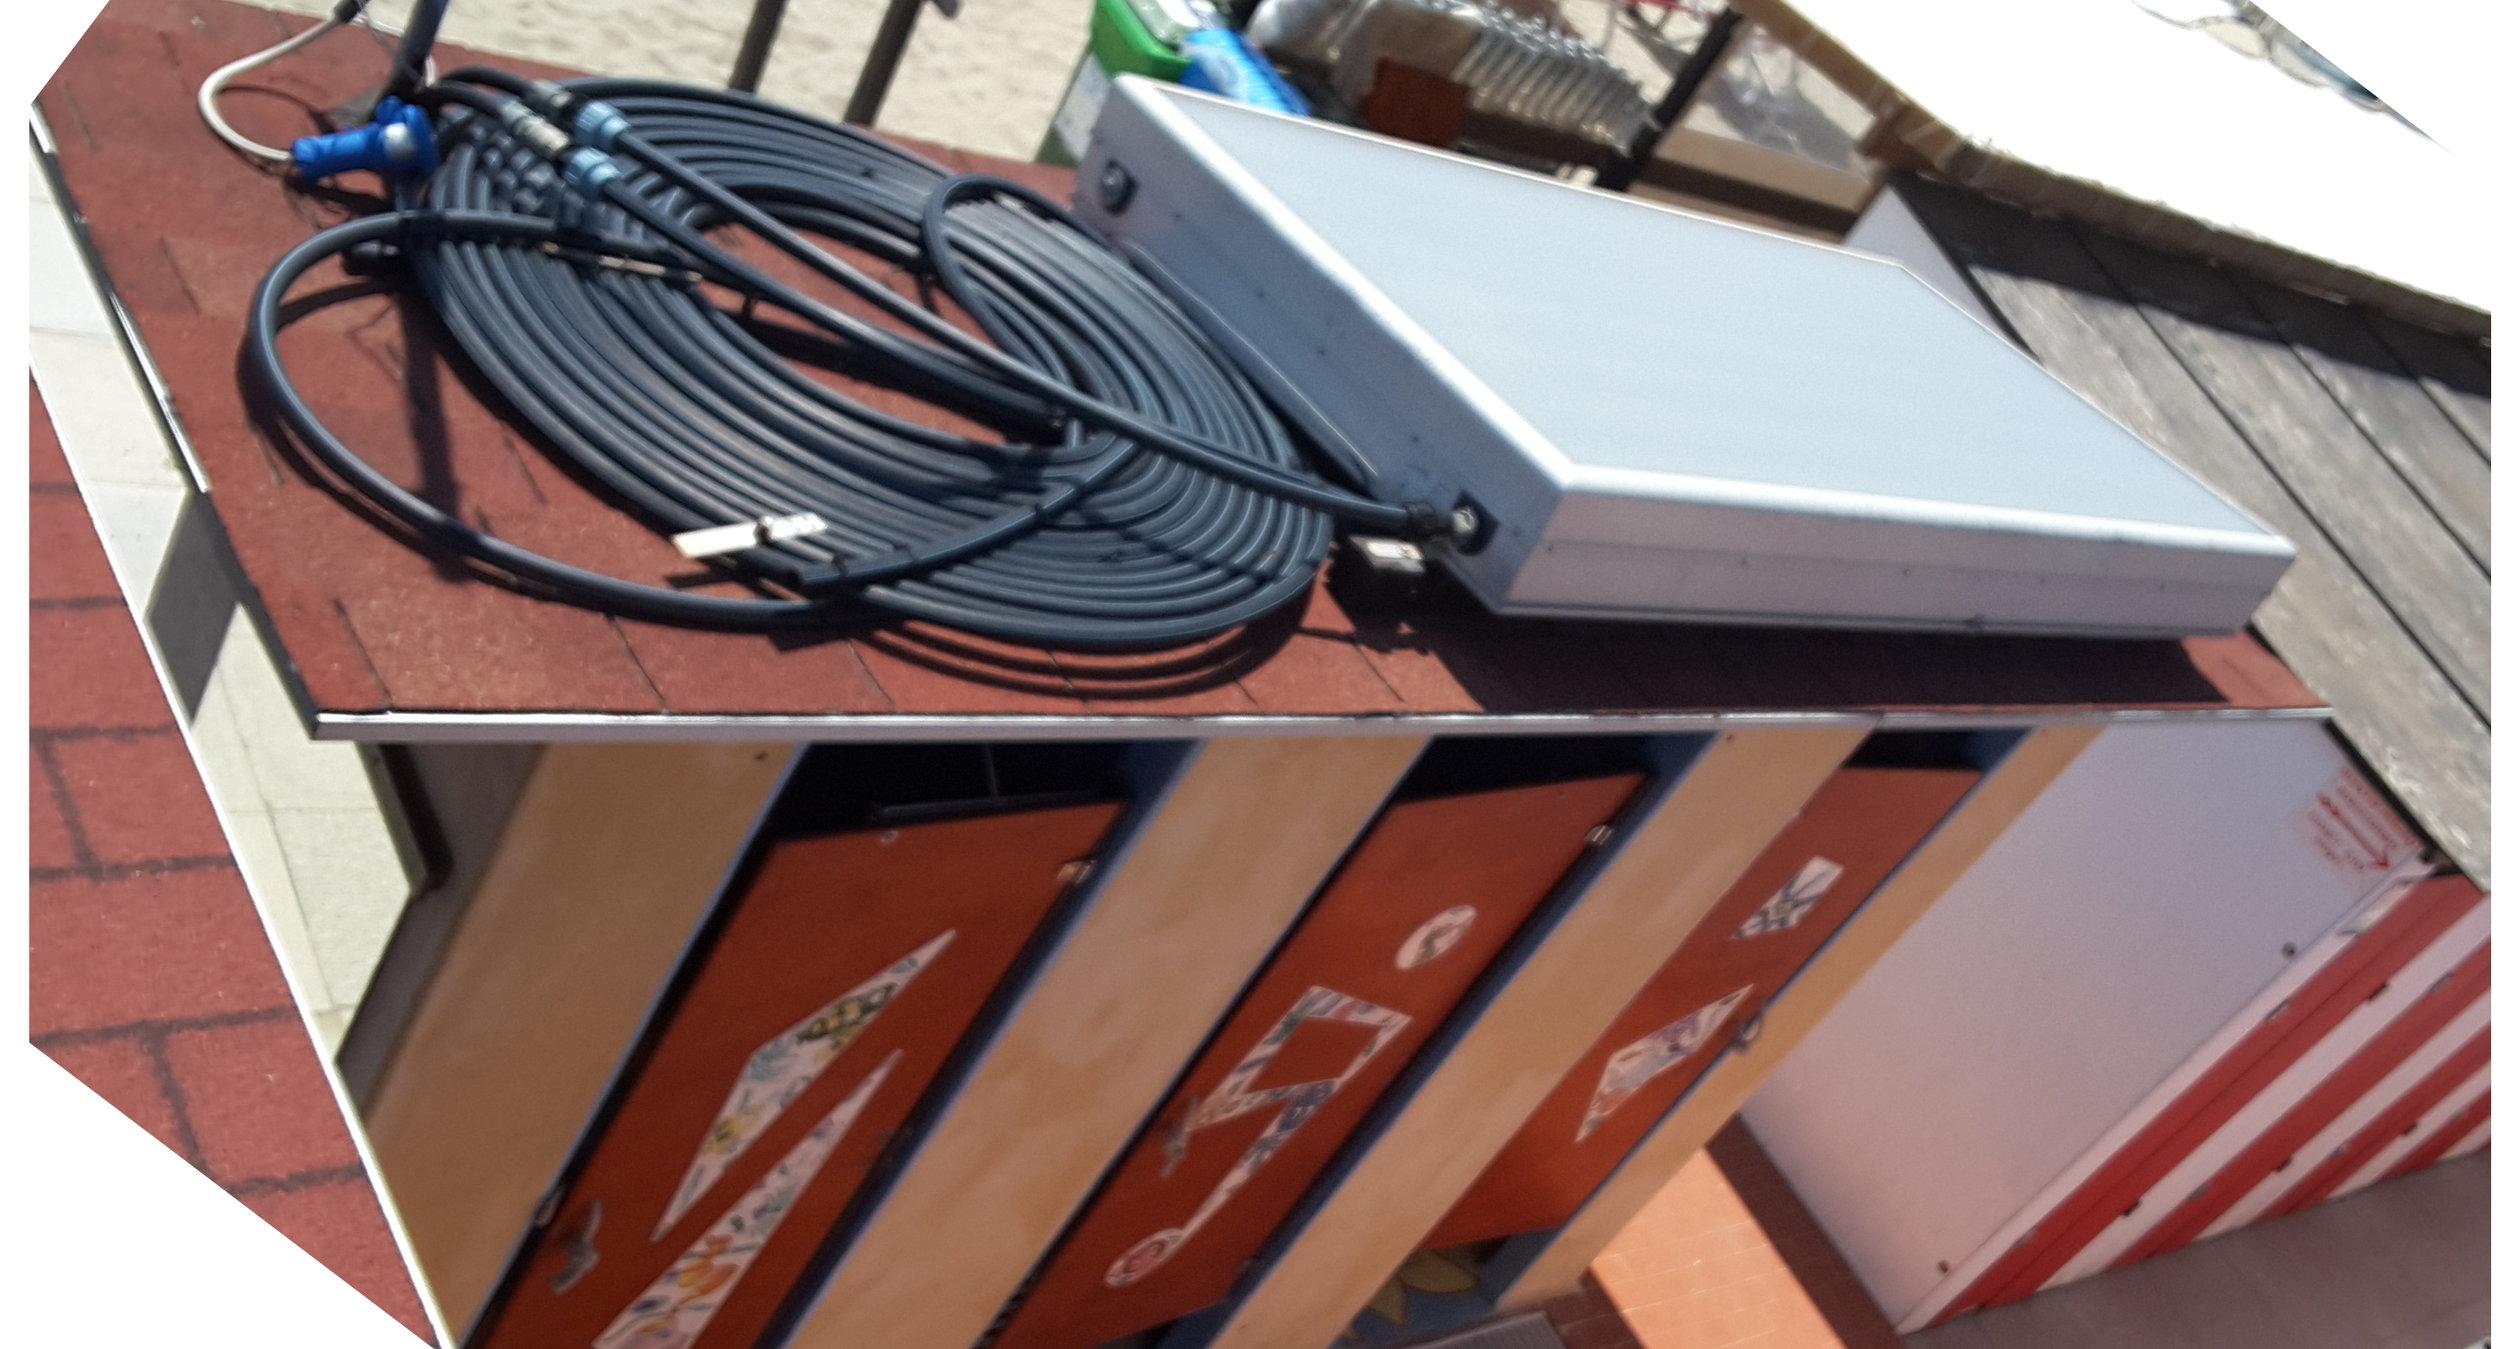 pannello solare.jpg